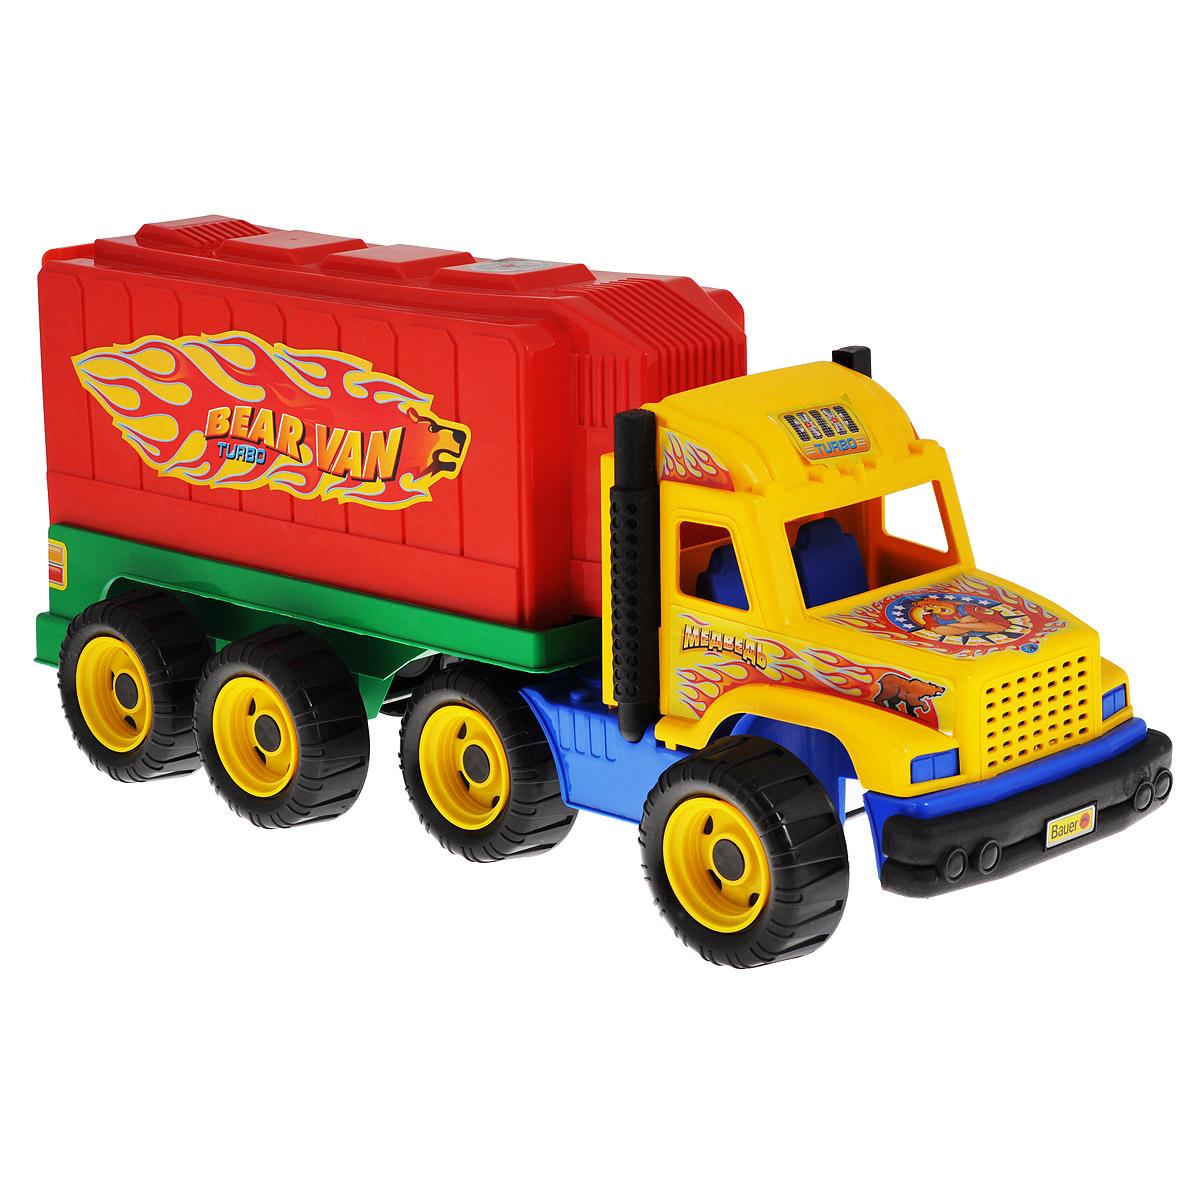 Bauer Грузовик Медведь цвет кабины желтый166Яркий грузовик Bauer Медведь, изготовленный из прочного безопасного пластика, отлично подойдет ребенку для различных игр. Машинка оборудована вместительным открывающимся кузовом и двумя выхлопными трубами. Кузов отсоединяется. Восемь больших колес со свободным ходом и крупным протектором обеспечивают грузовику устойчивость и хорошую проходимость. Кабина и кузов оформлены яркими наклейками. С таким грузовиком ваш ребенок сможет прекрасно провести время дома или на улице, придумывая различные истории.